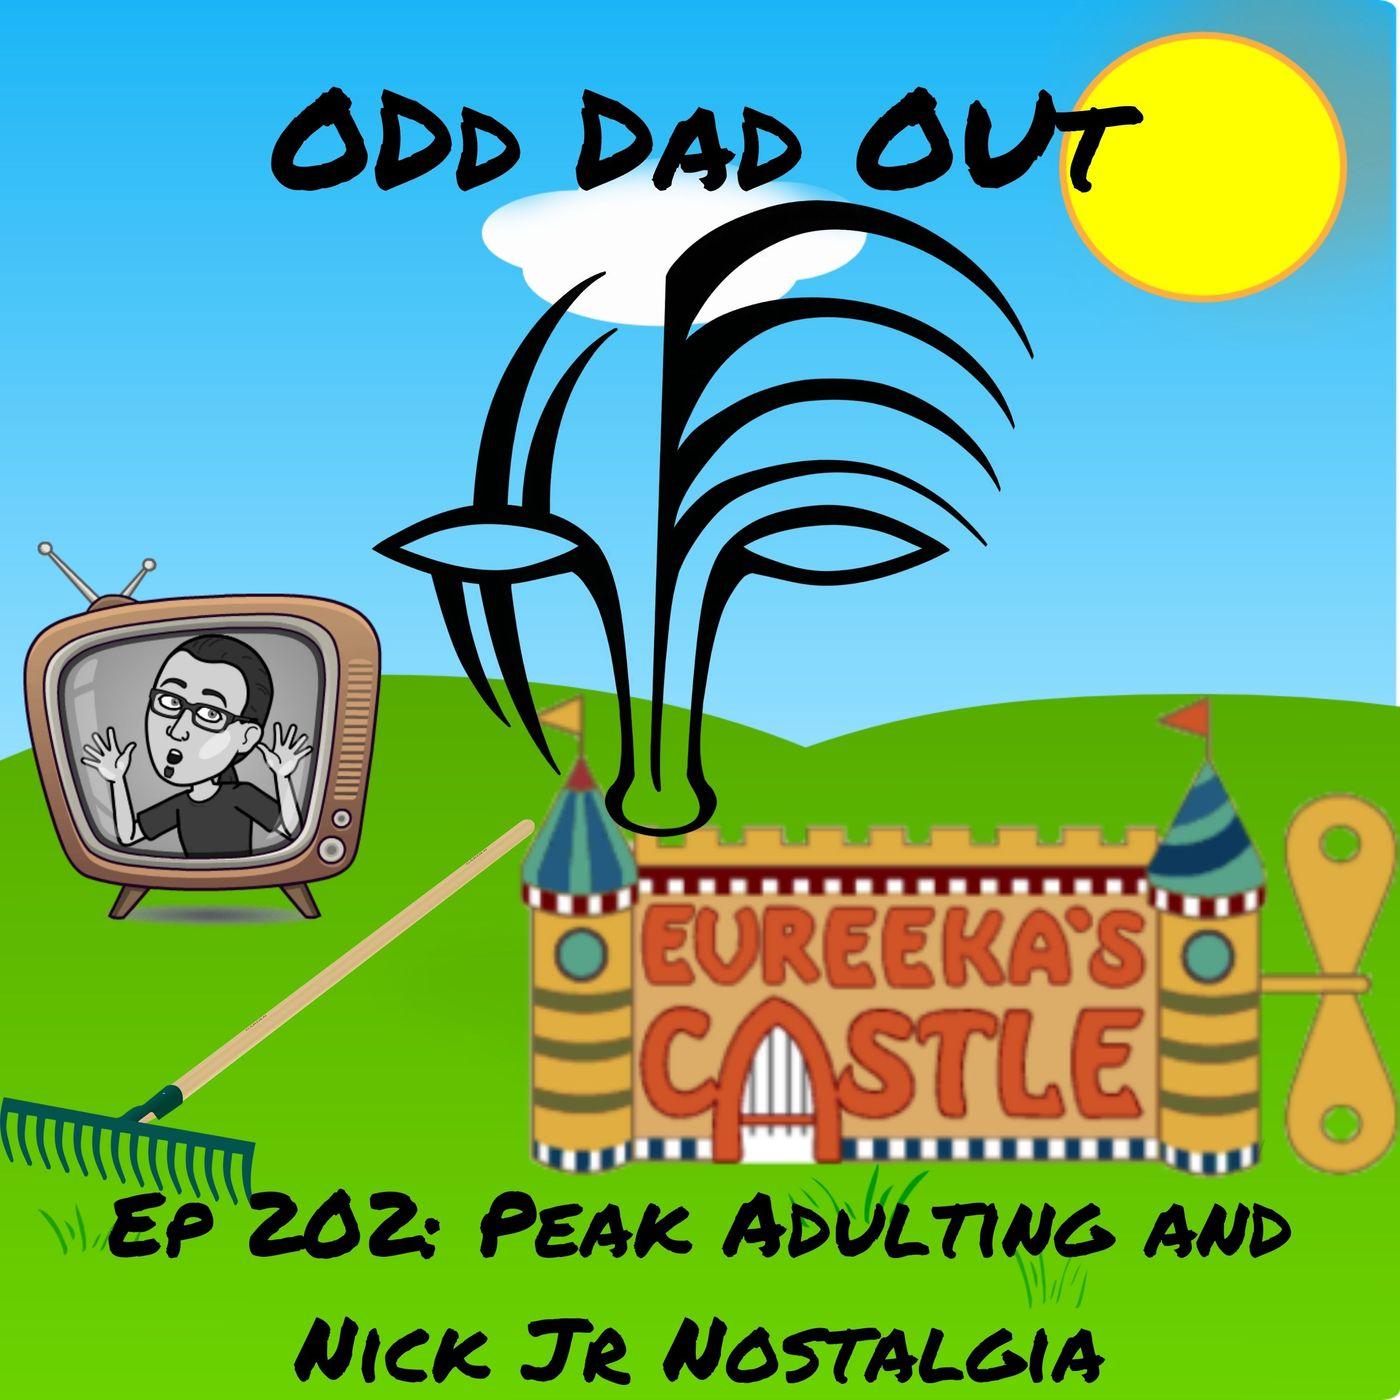 Peak Adulting and Nick Jr Nostalgia: ODO 202